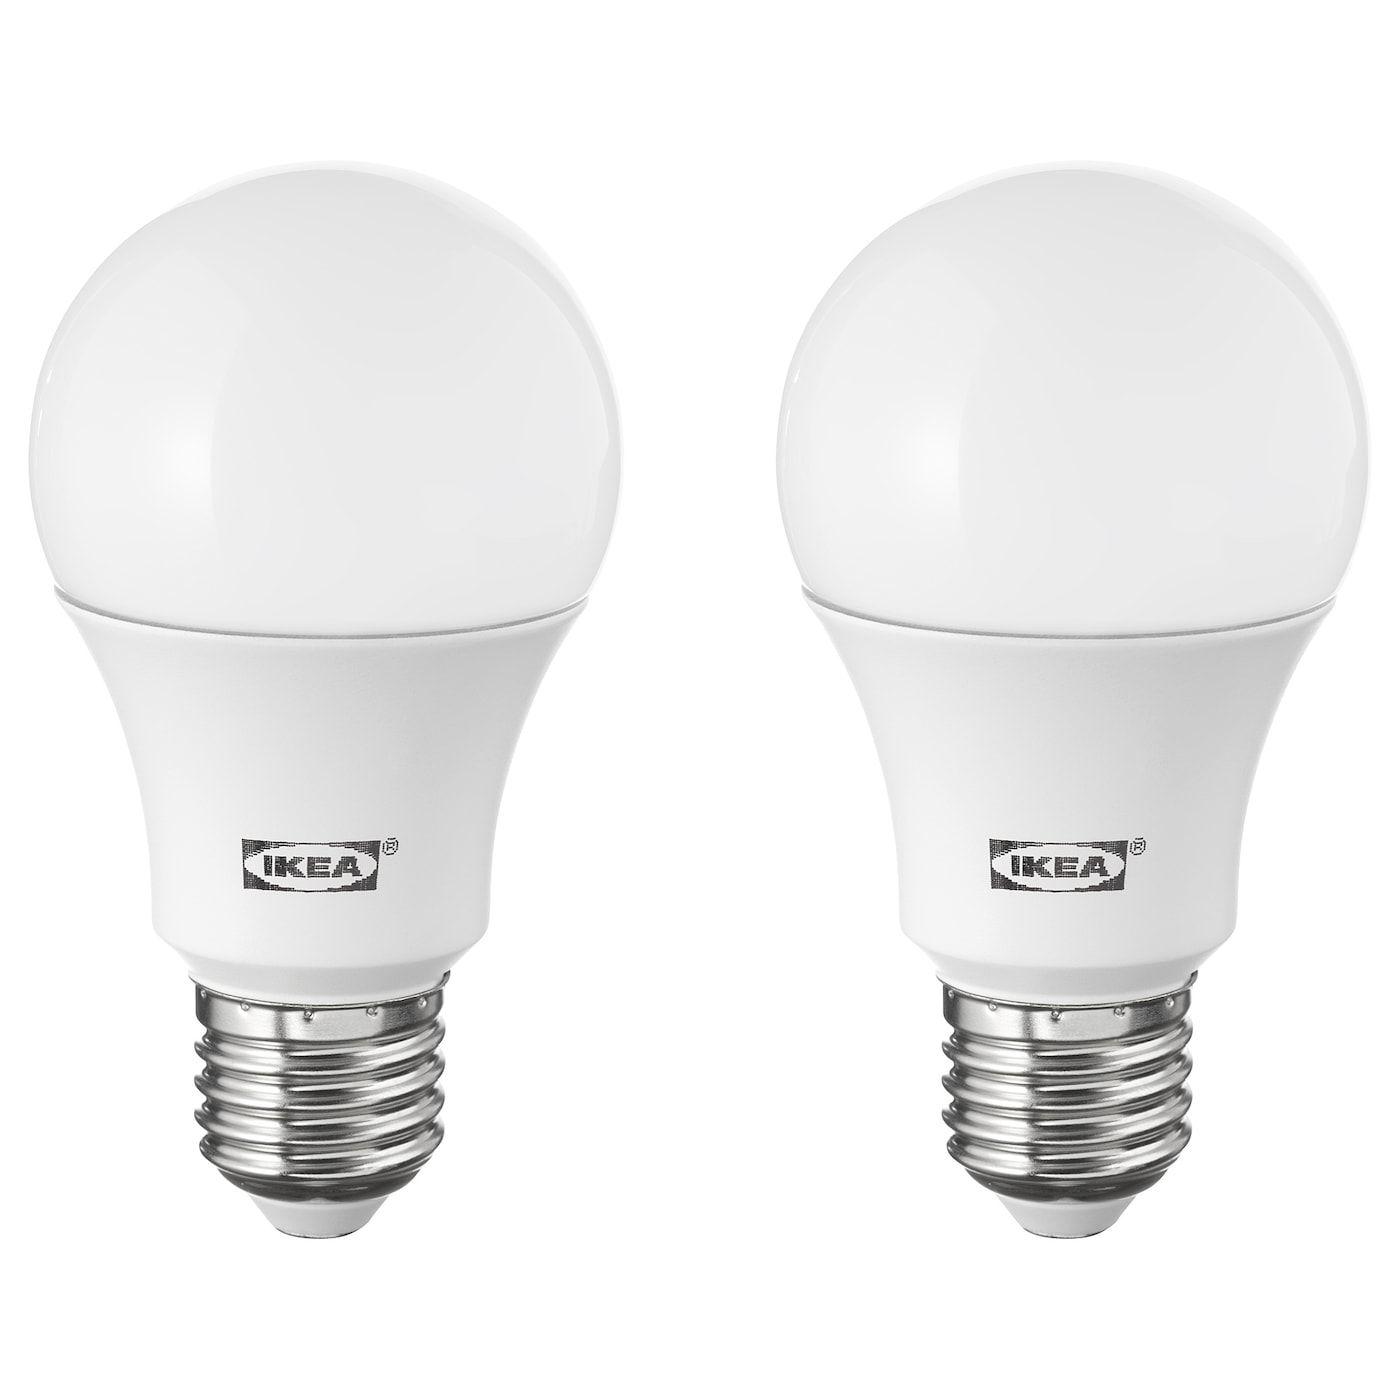 Ryet Bombilla Led E27 1 000 Lumenes Forma De Globo Blanco Opalo In 2020 Led Lamp Led En Gloeilampen